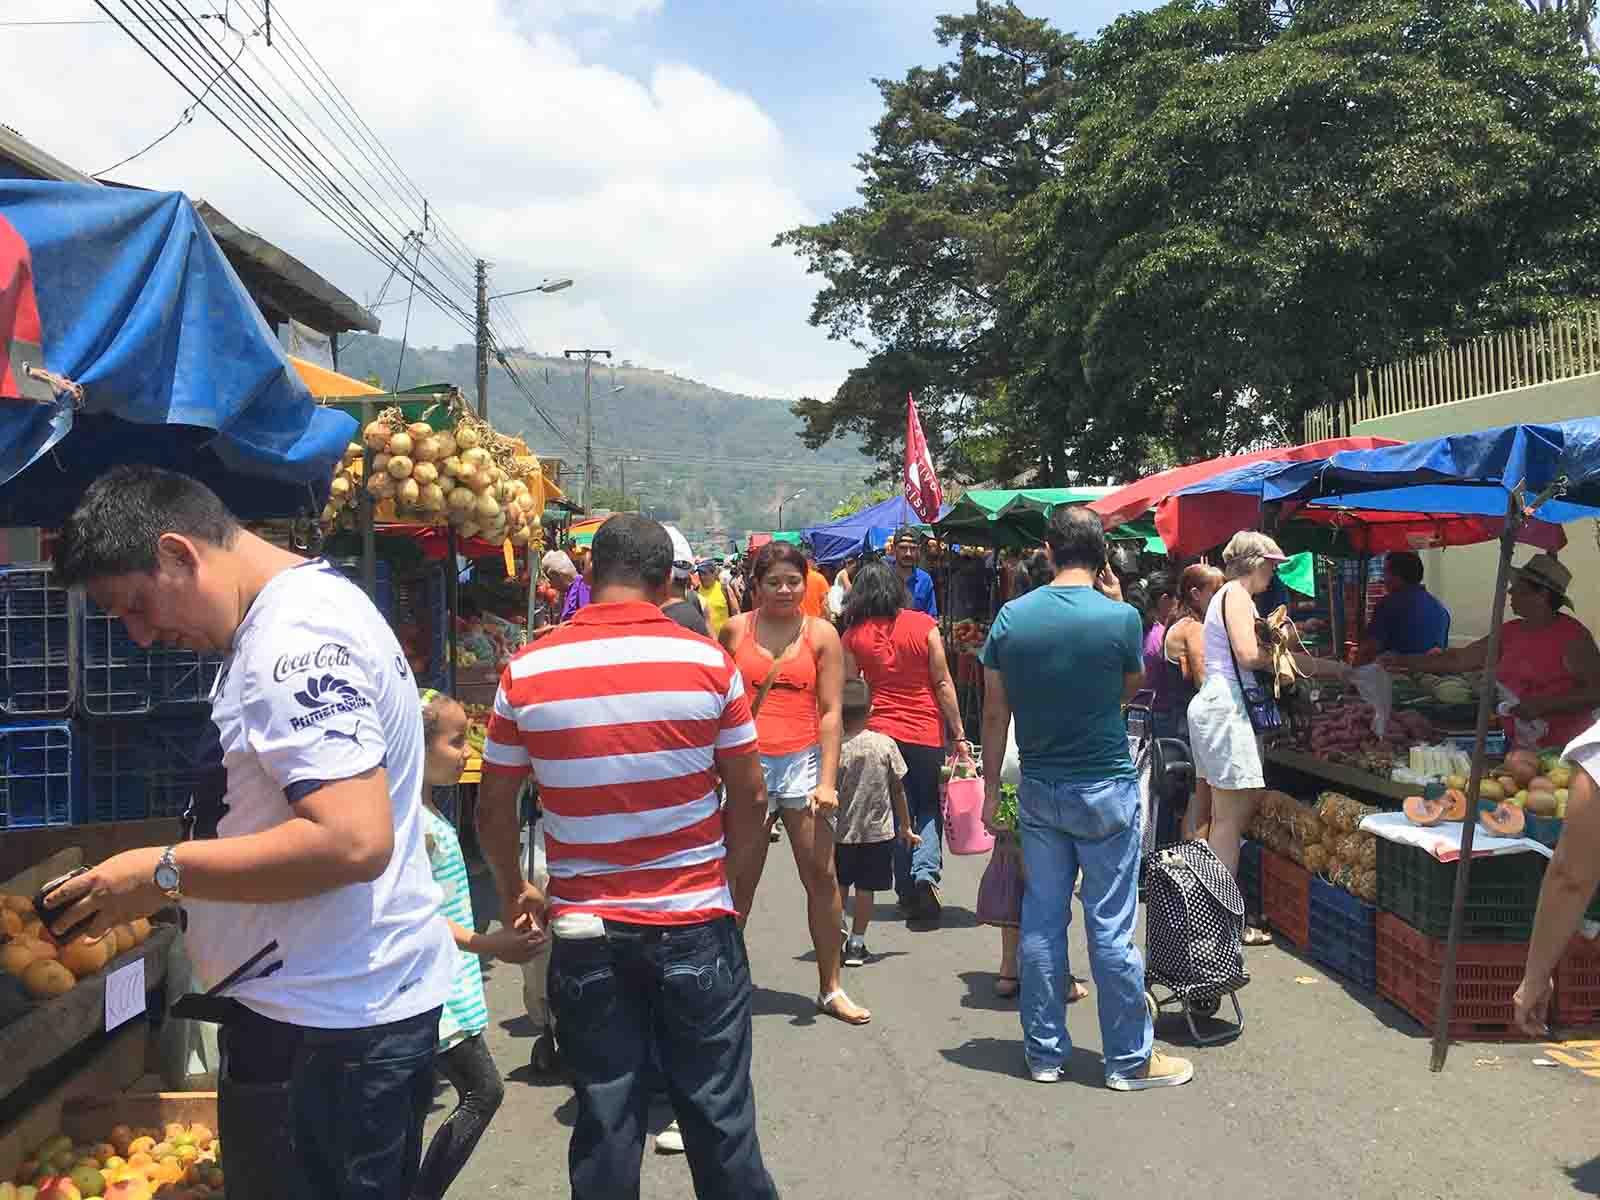 The feria, farmer's market, in Escazu, Costa Rica.